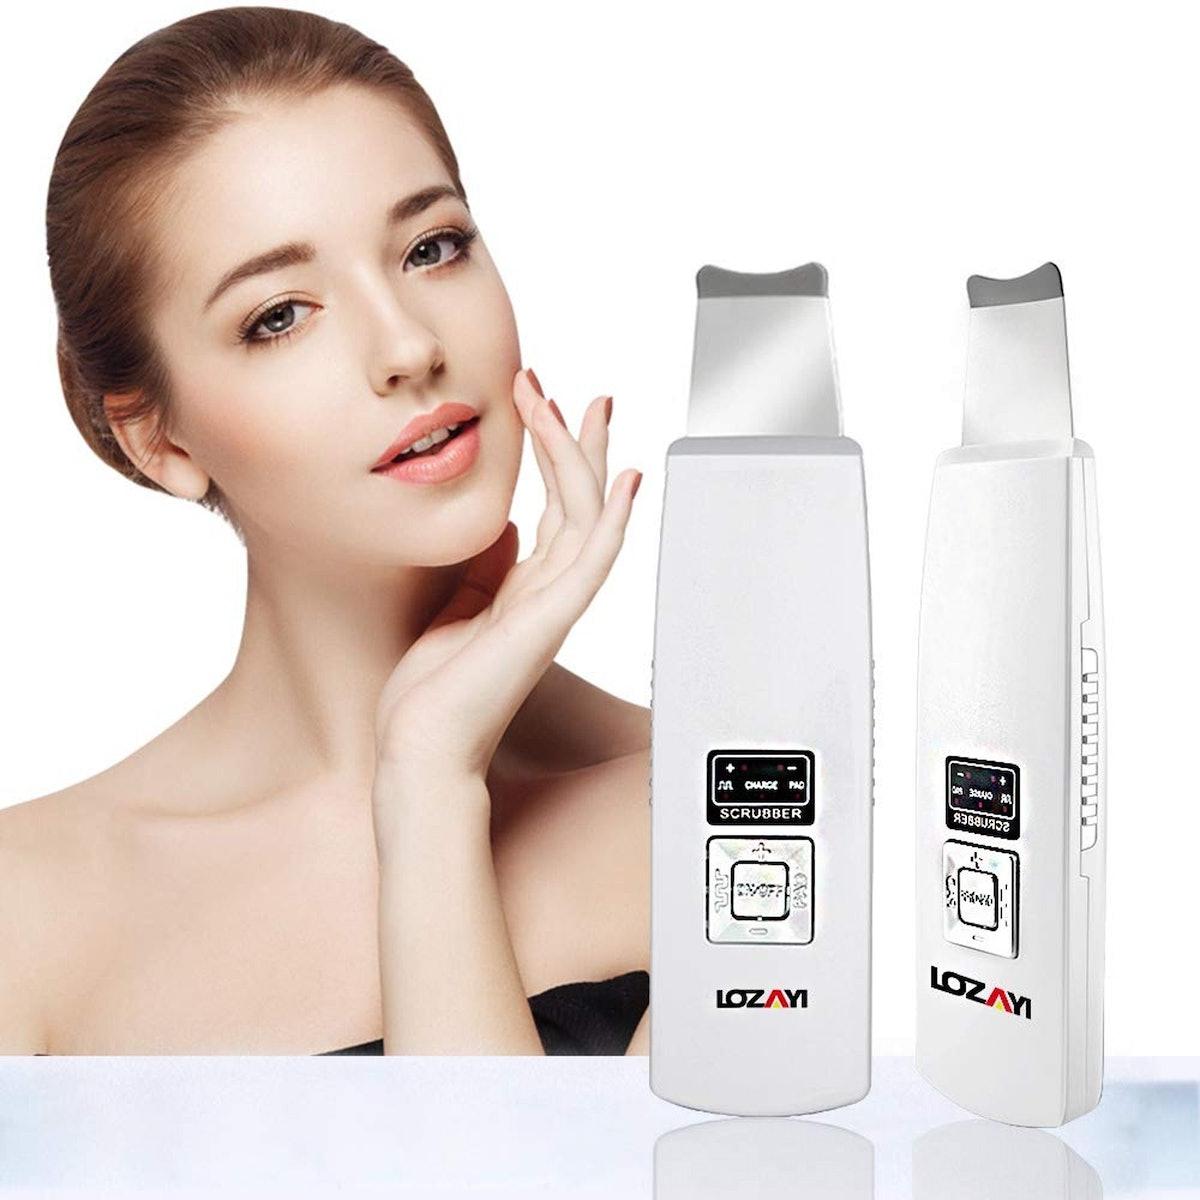 LONGYE-US Skin Scrubber